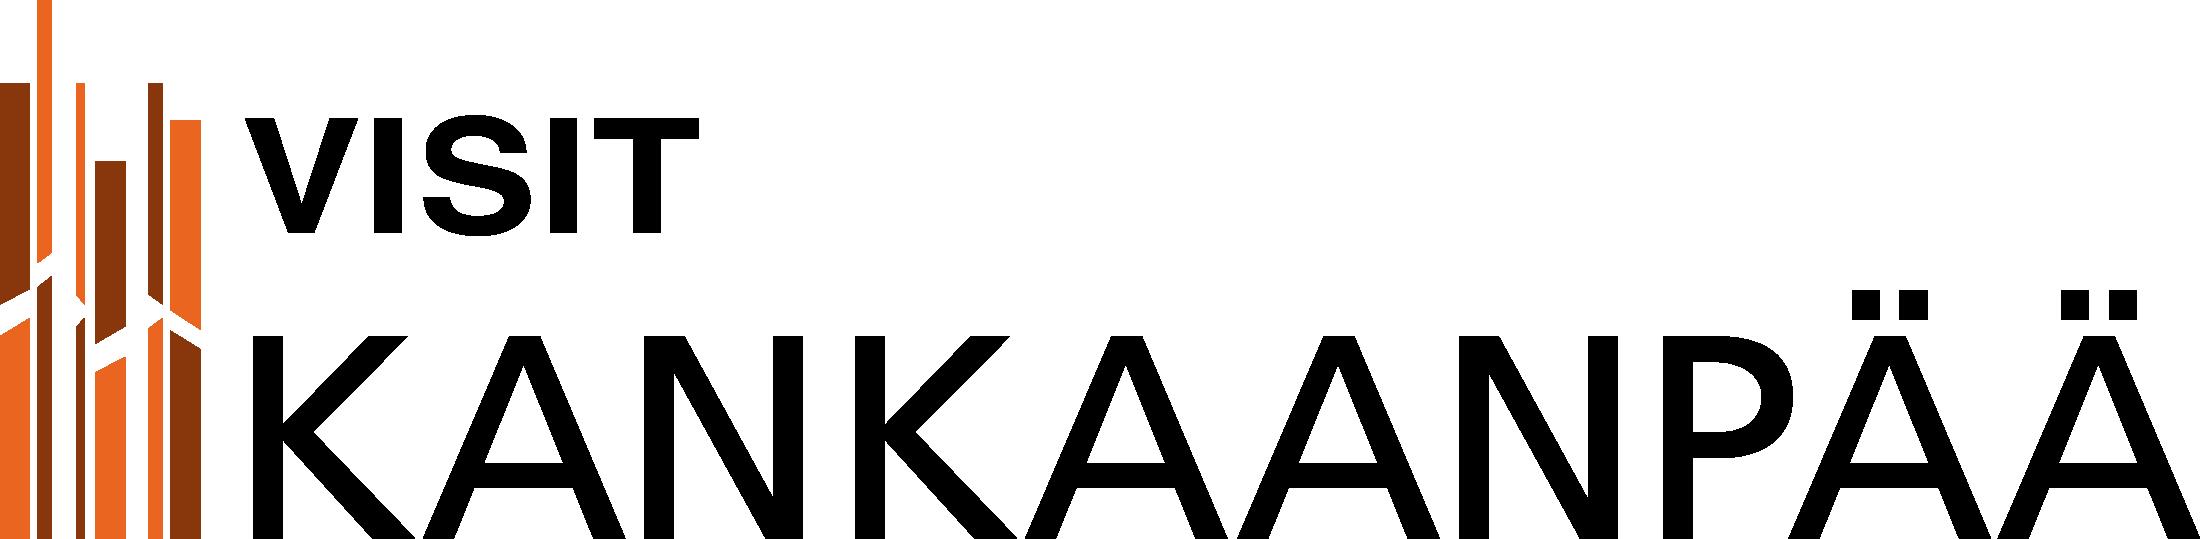 Visit Kankaanpää